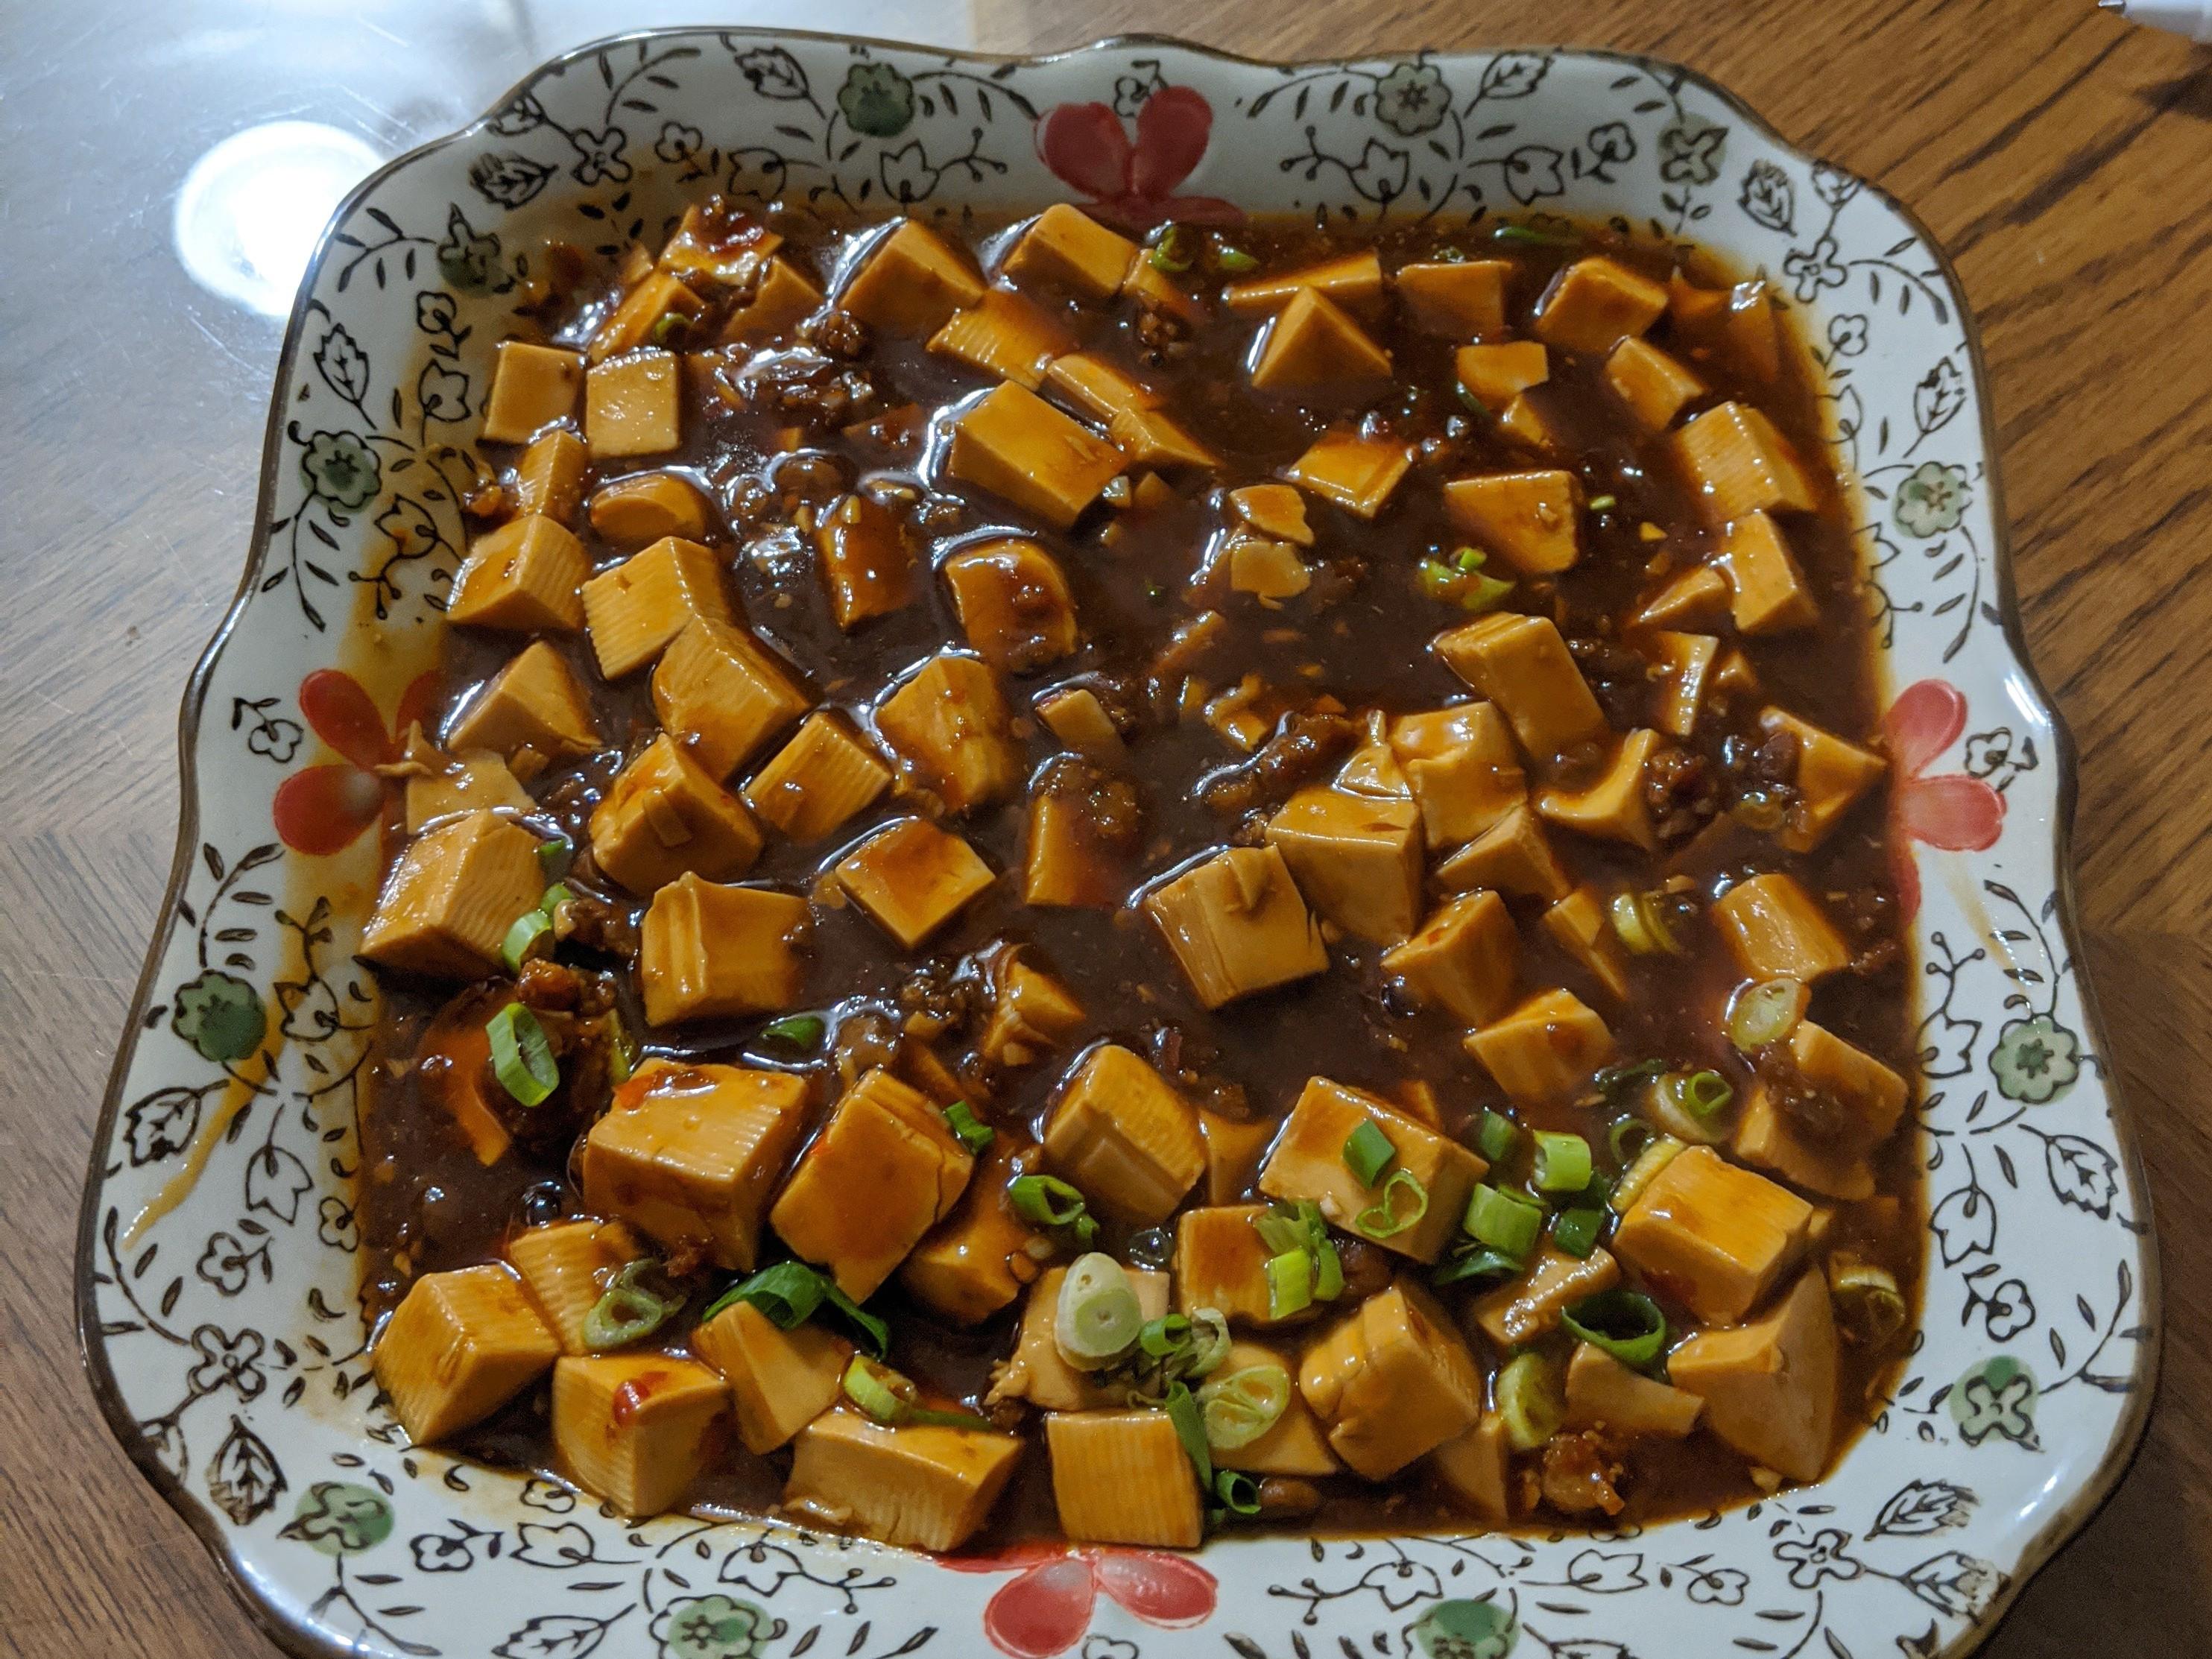 麻婆豆腐(這次煮得太鹹了)